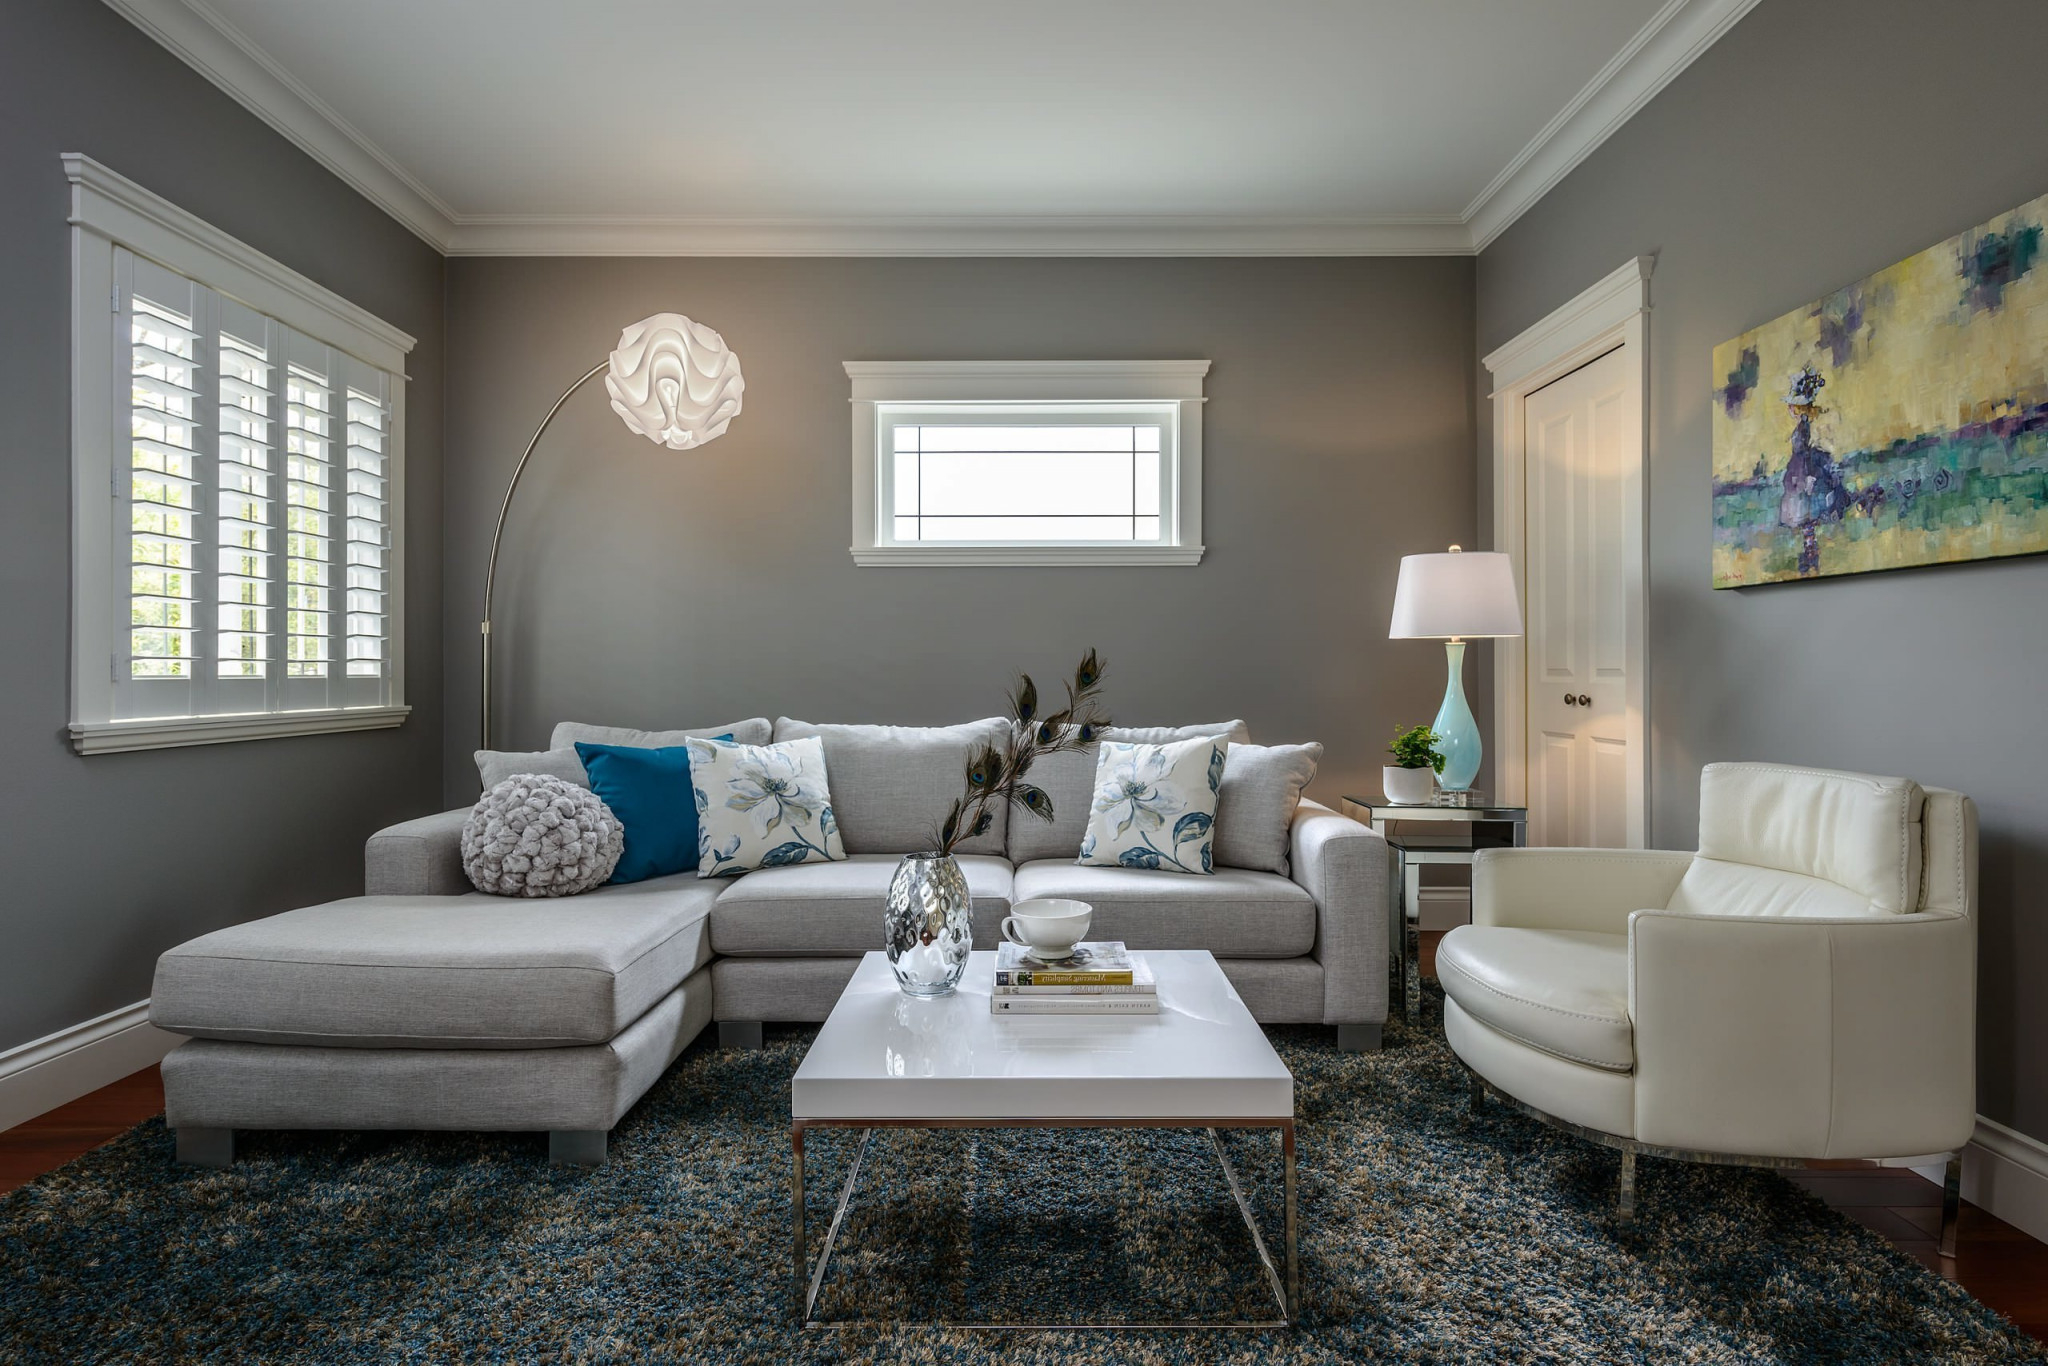 Das Wohnzimmer Grau Machen 101 Ideen Für Einen Modernen von Wohnzimmer Grau Gestalten Bild